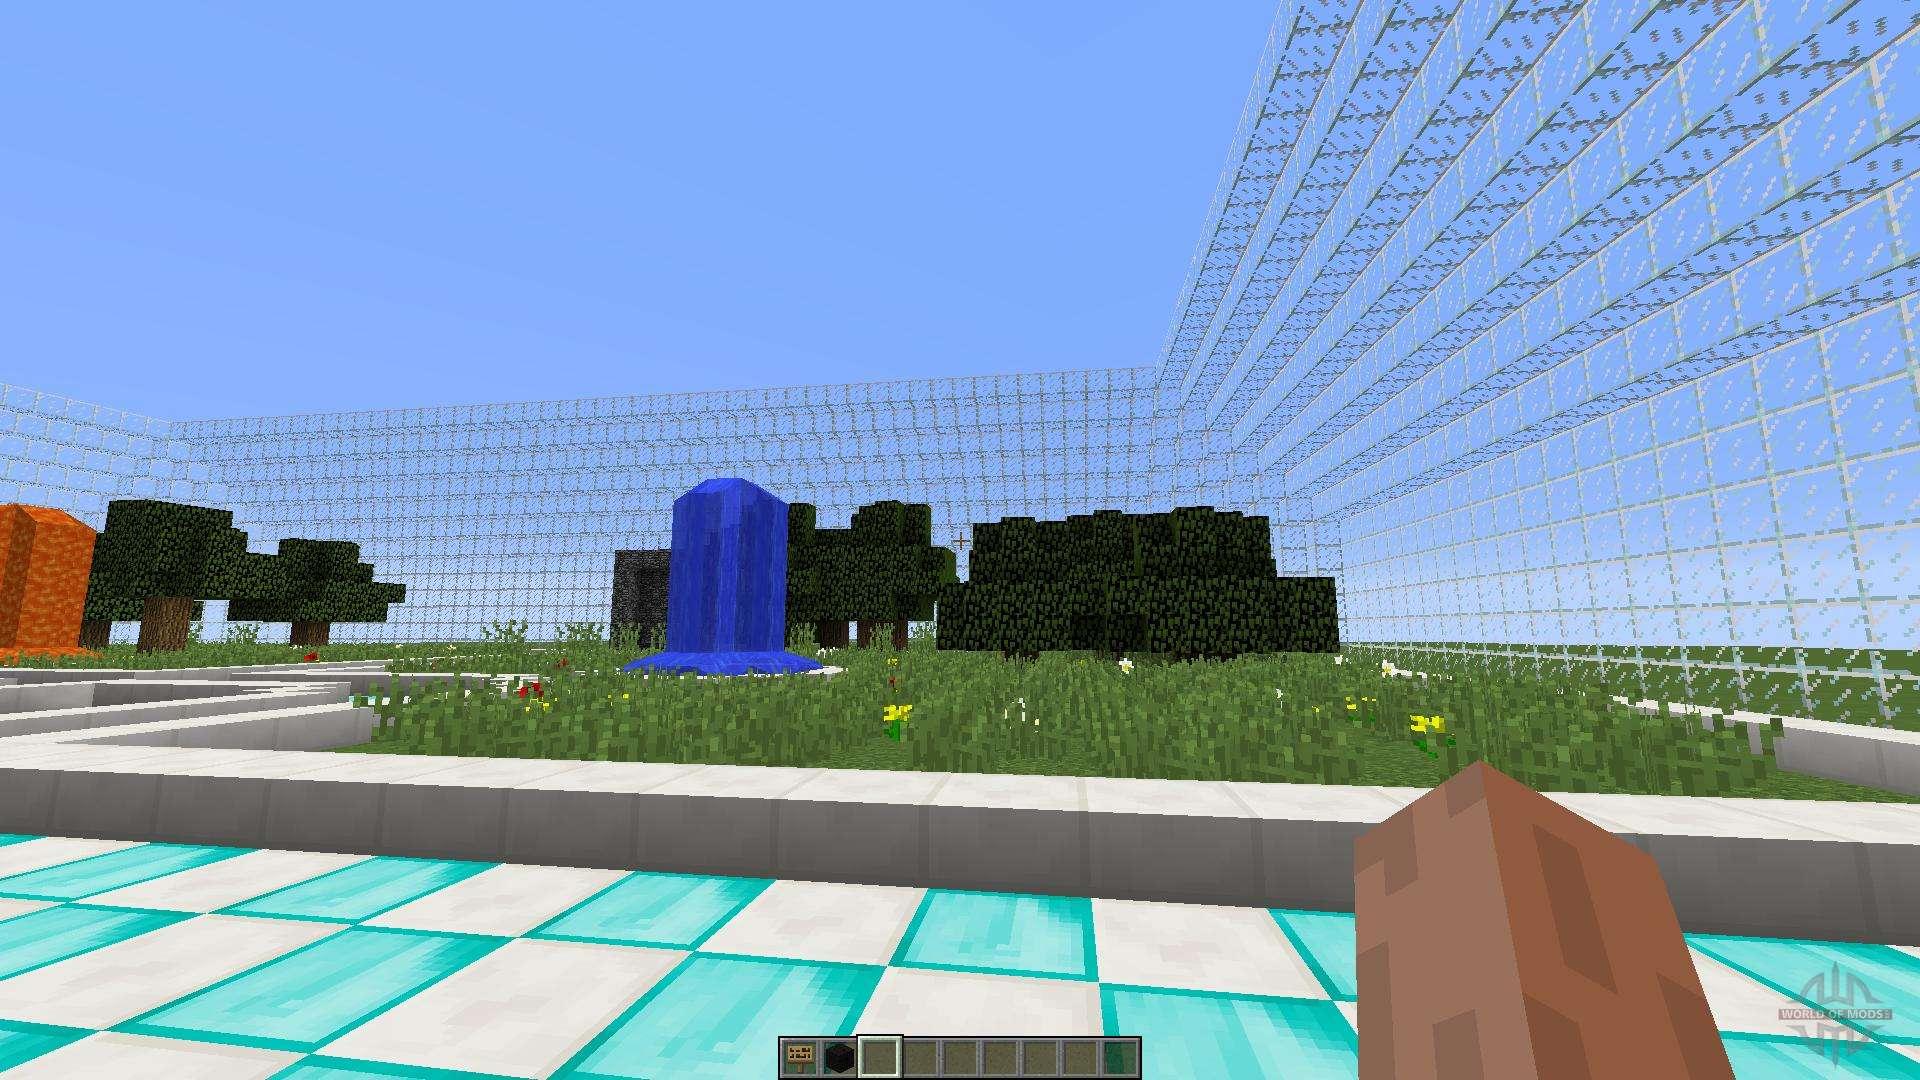 готовый спавн для сервера minecraft 1.8 #3